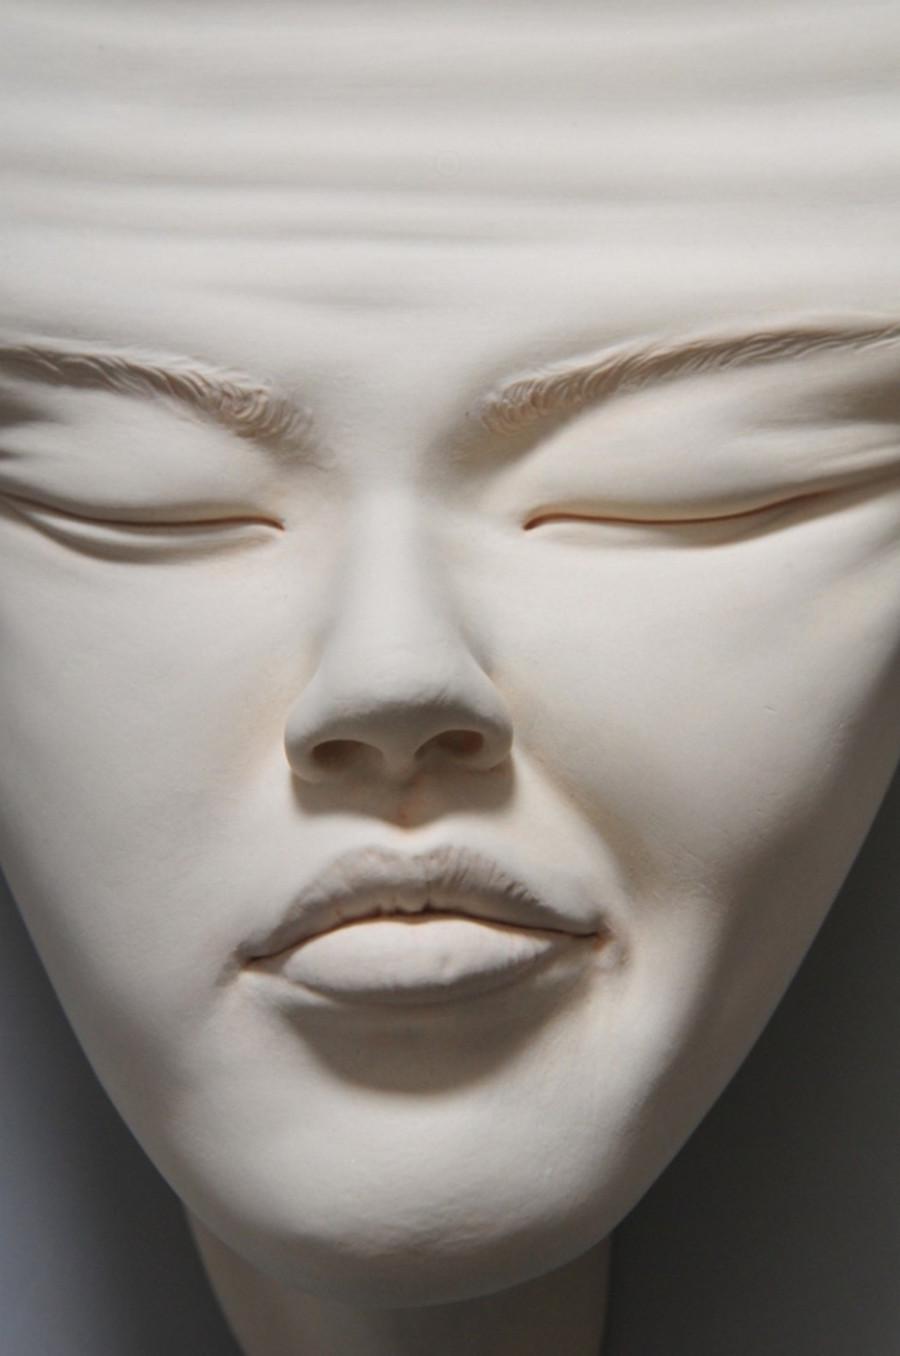 Minti deschise: Sculpturi suprarealiste din portelan - Poza 4